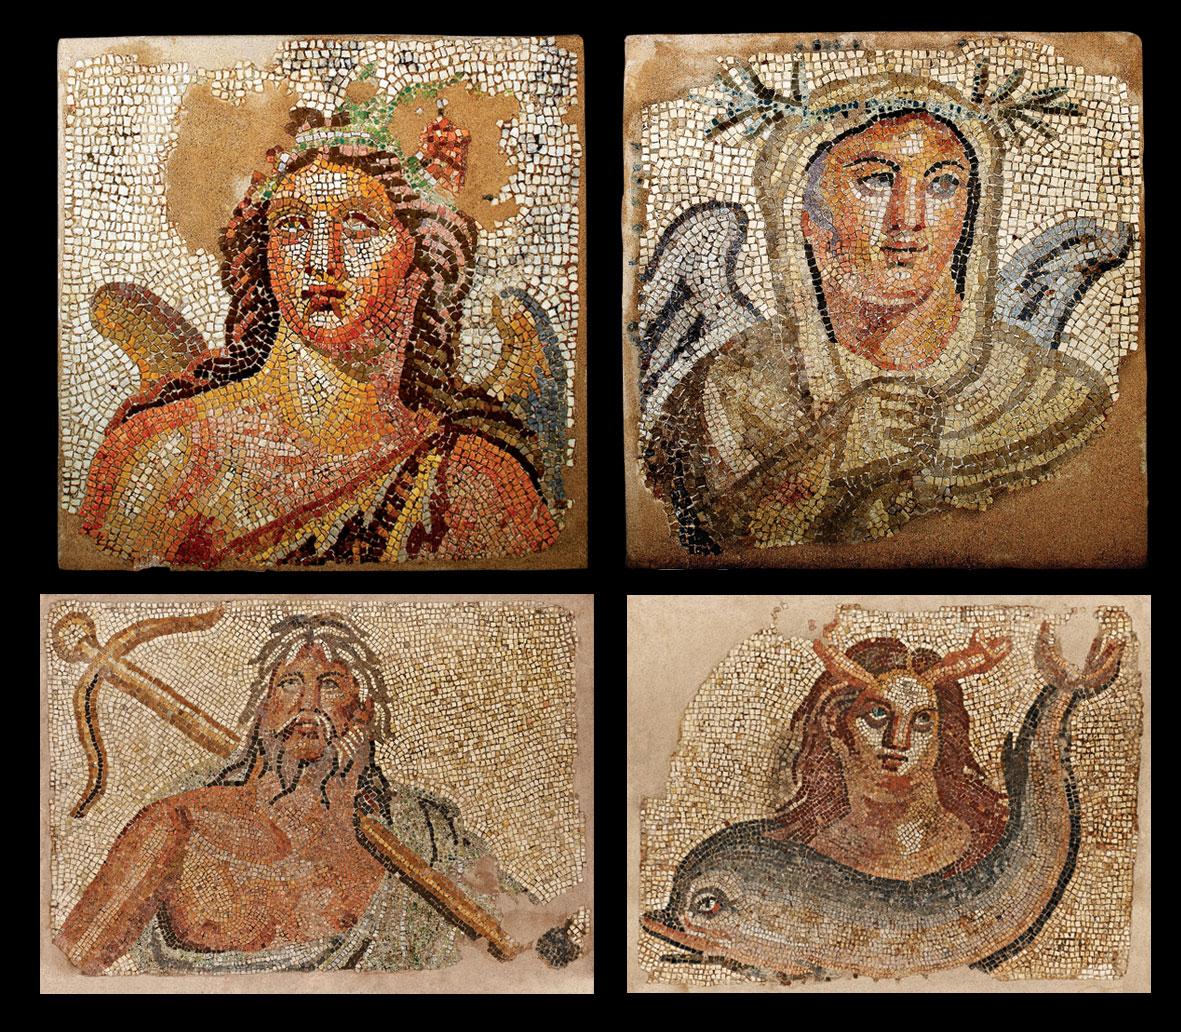 Ψηφιδωτά δάπεδα με απεικονίσεις της Άνοιξης/Φθινοπώρου (ΜΘ 6724), του Χειμώνα (ΜΘ 6728), του Ωκεανού (ΜΘ 6725) και της Θάλασσας (ΜΘ 6726), Αρχαιολογικό Μουσείο Θεσσαλονίκης. © ΑΜΘ, ΥΠΠΟΑ - ΟΔΑΠ.